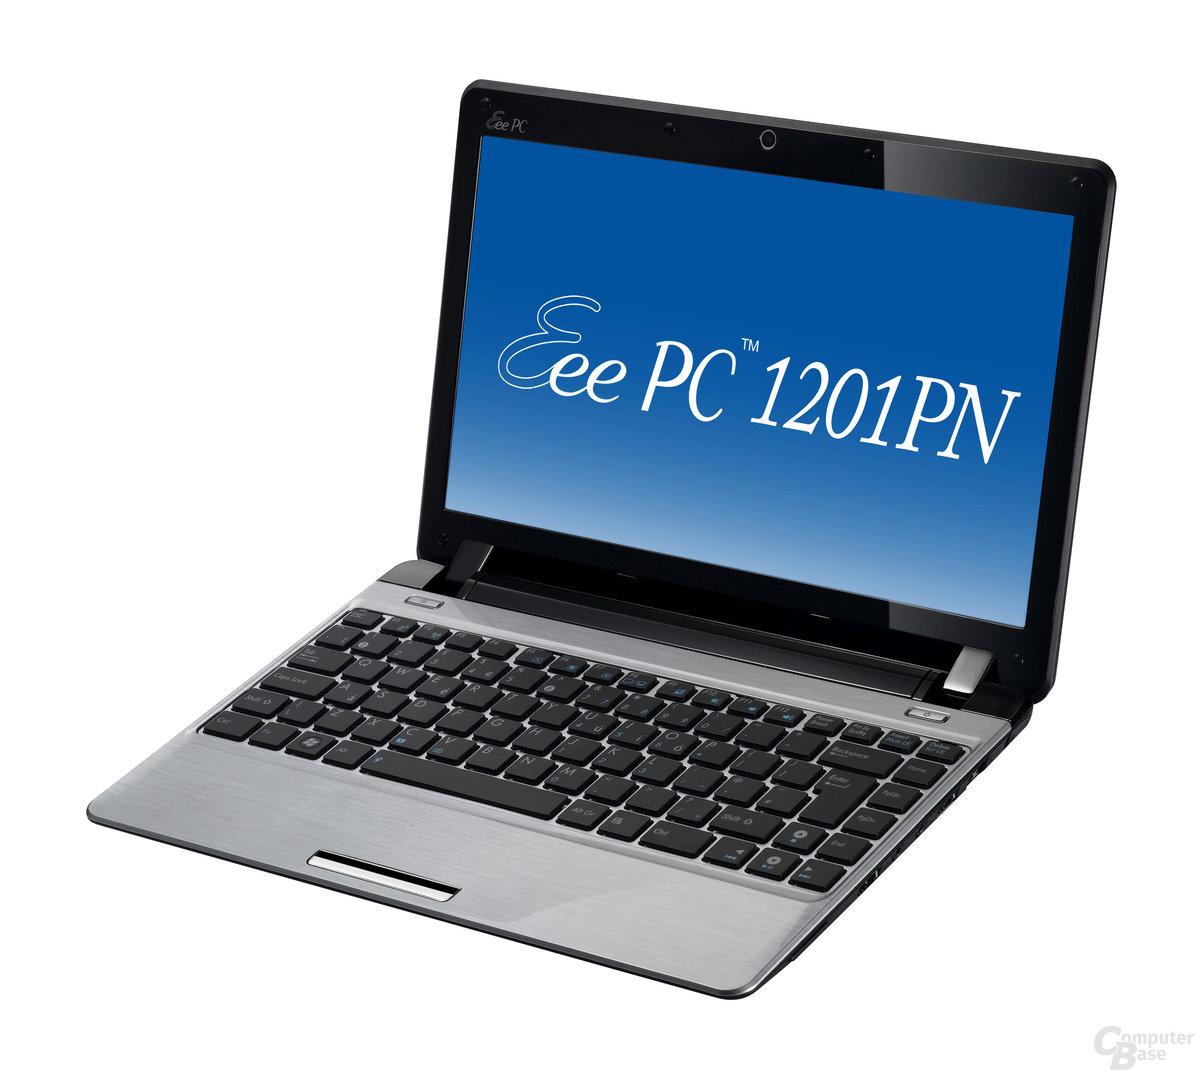 Asus Eee PC 1201PN